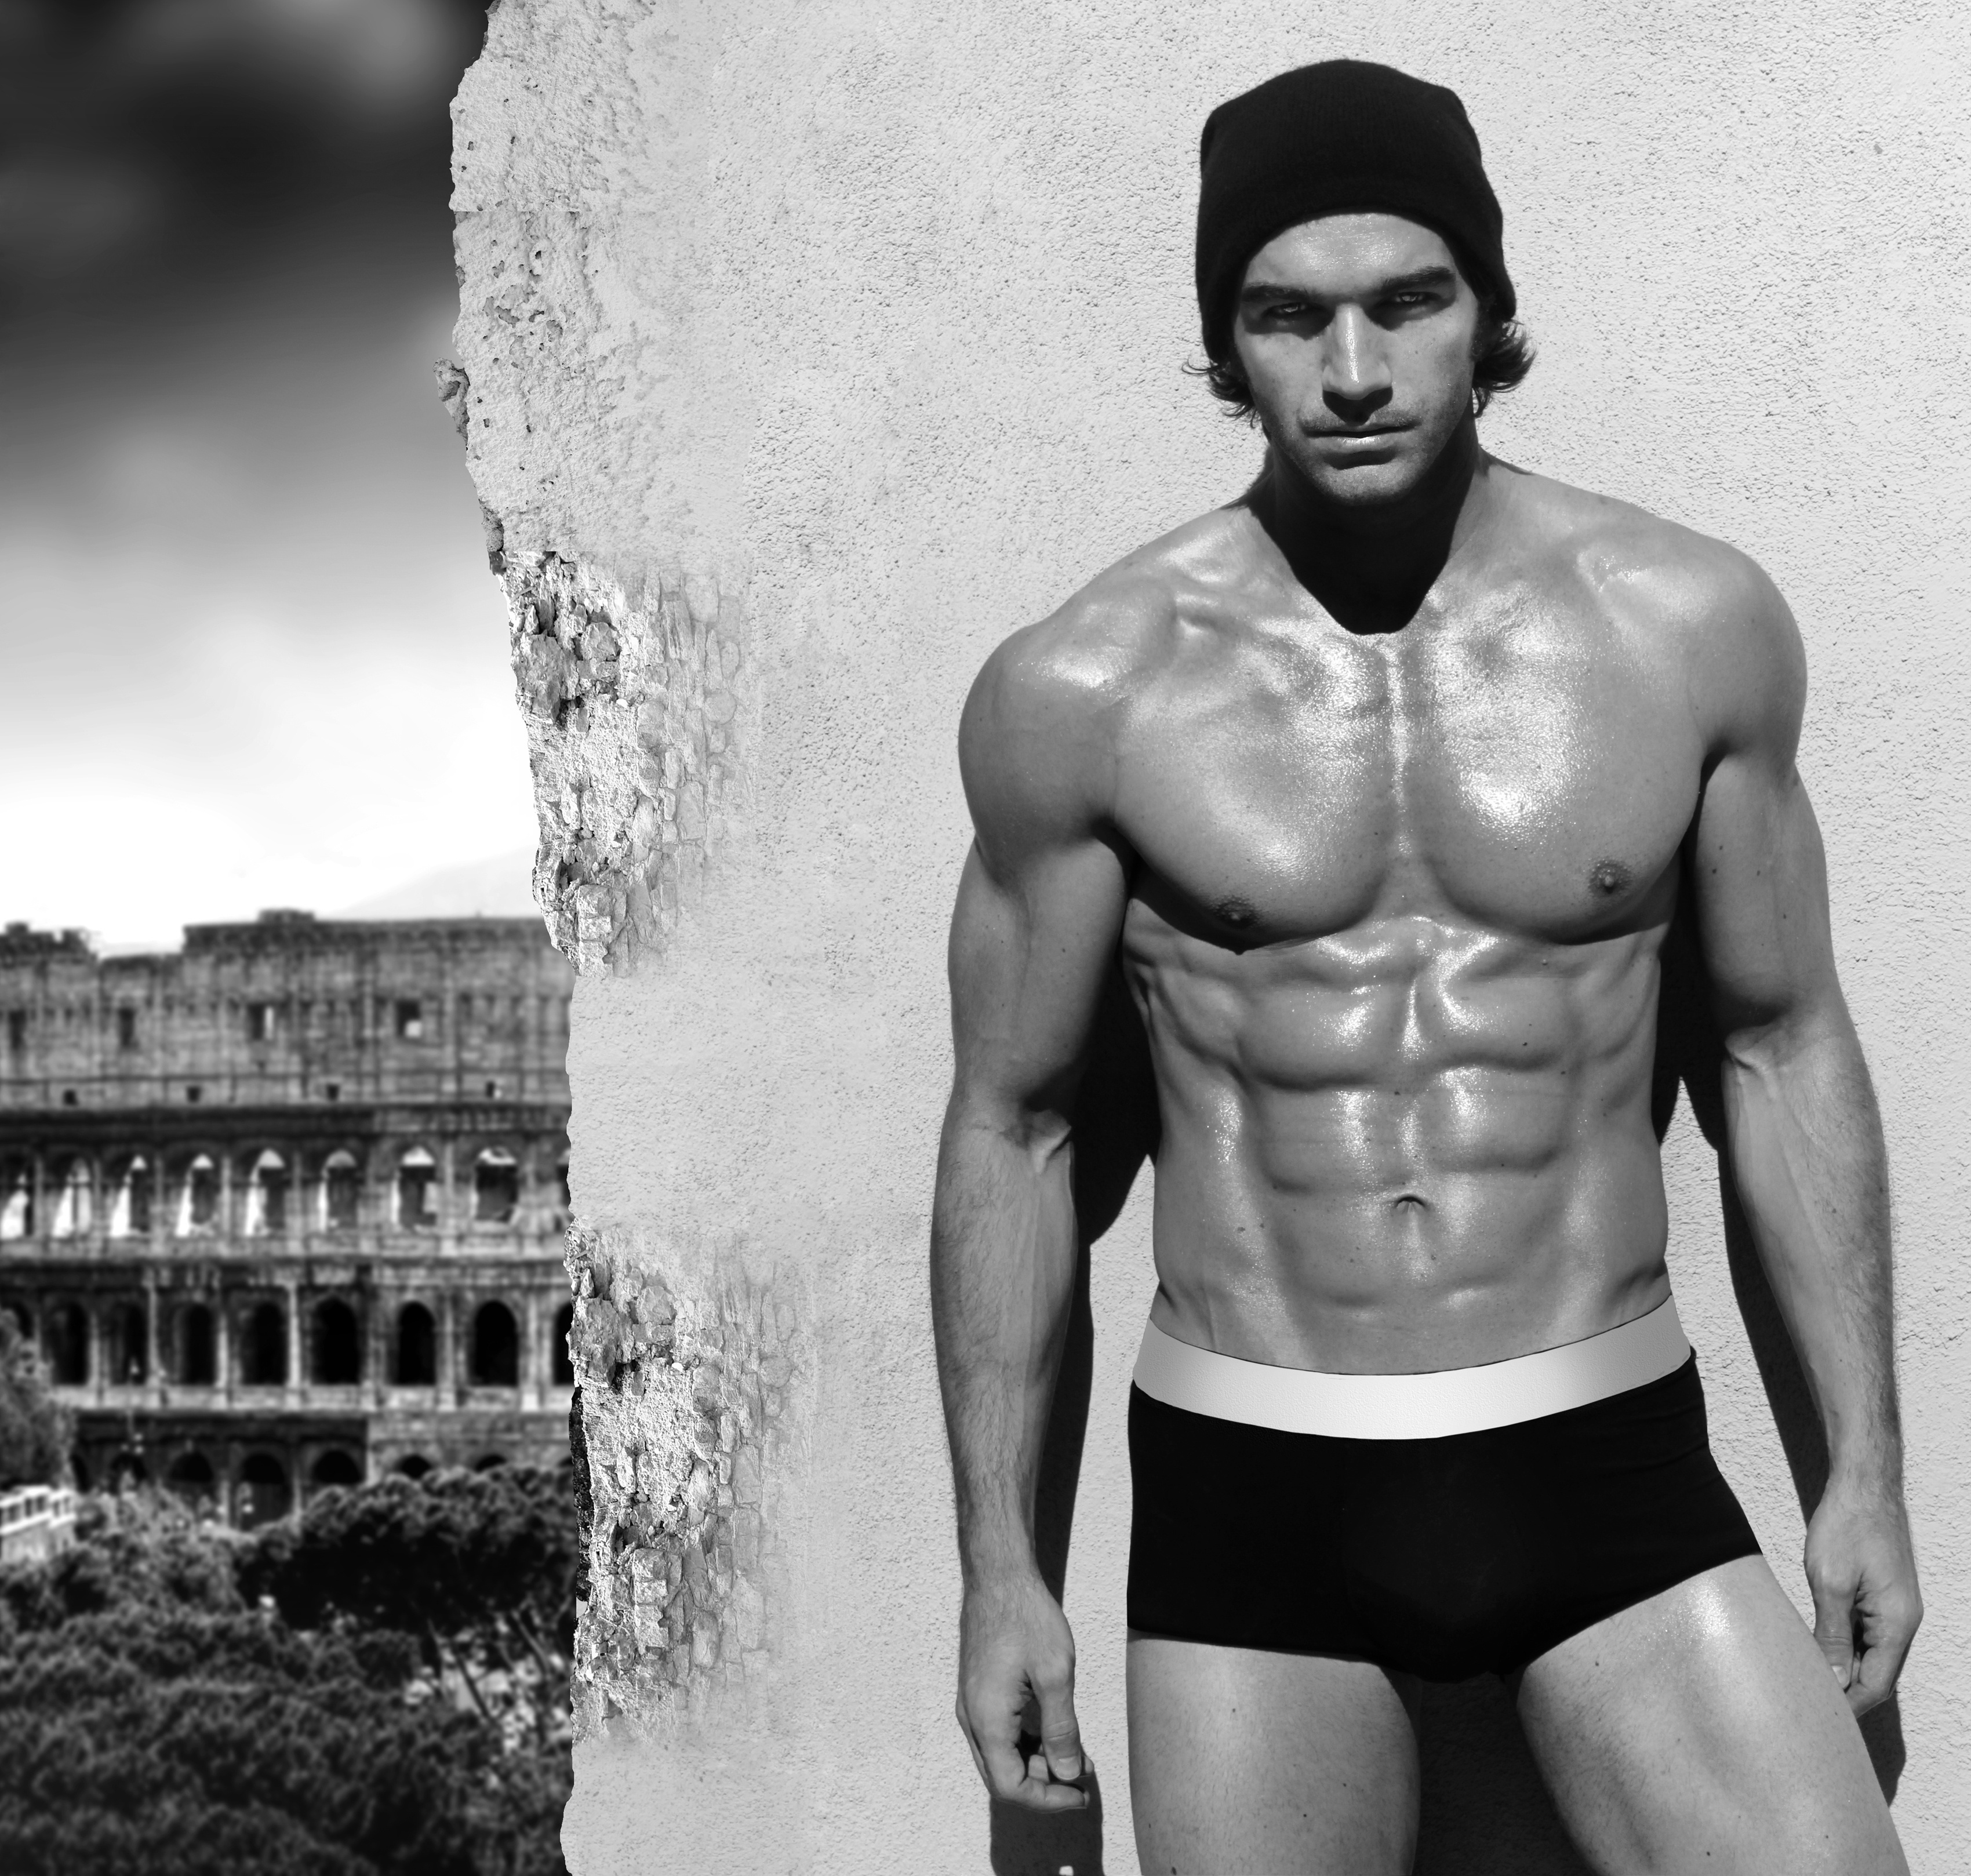 筋肉のすごい男性